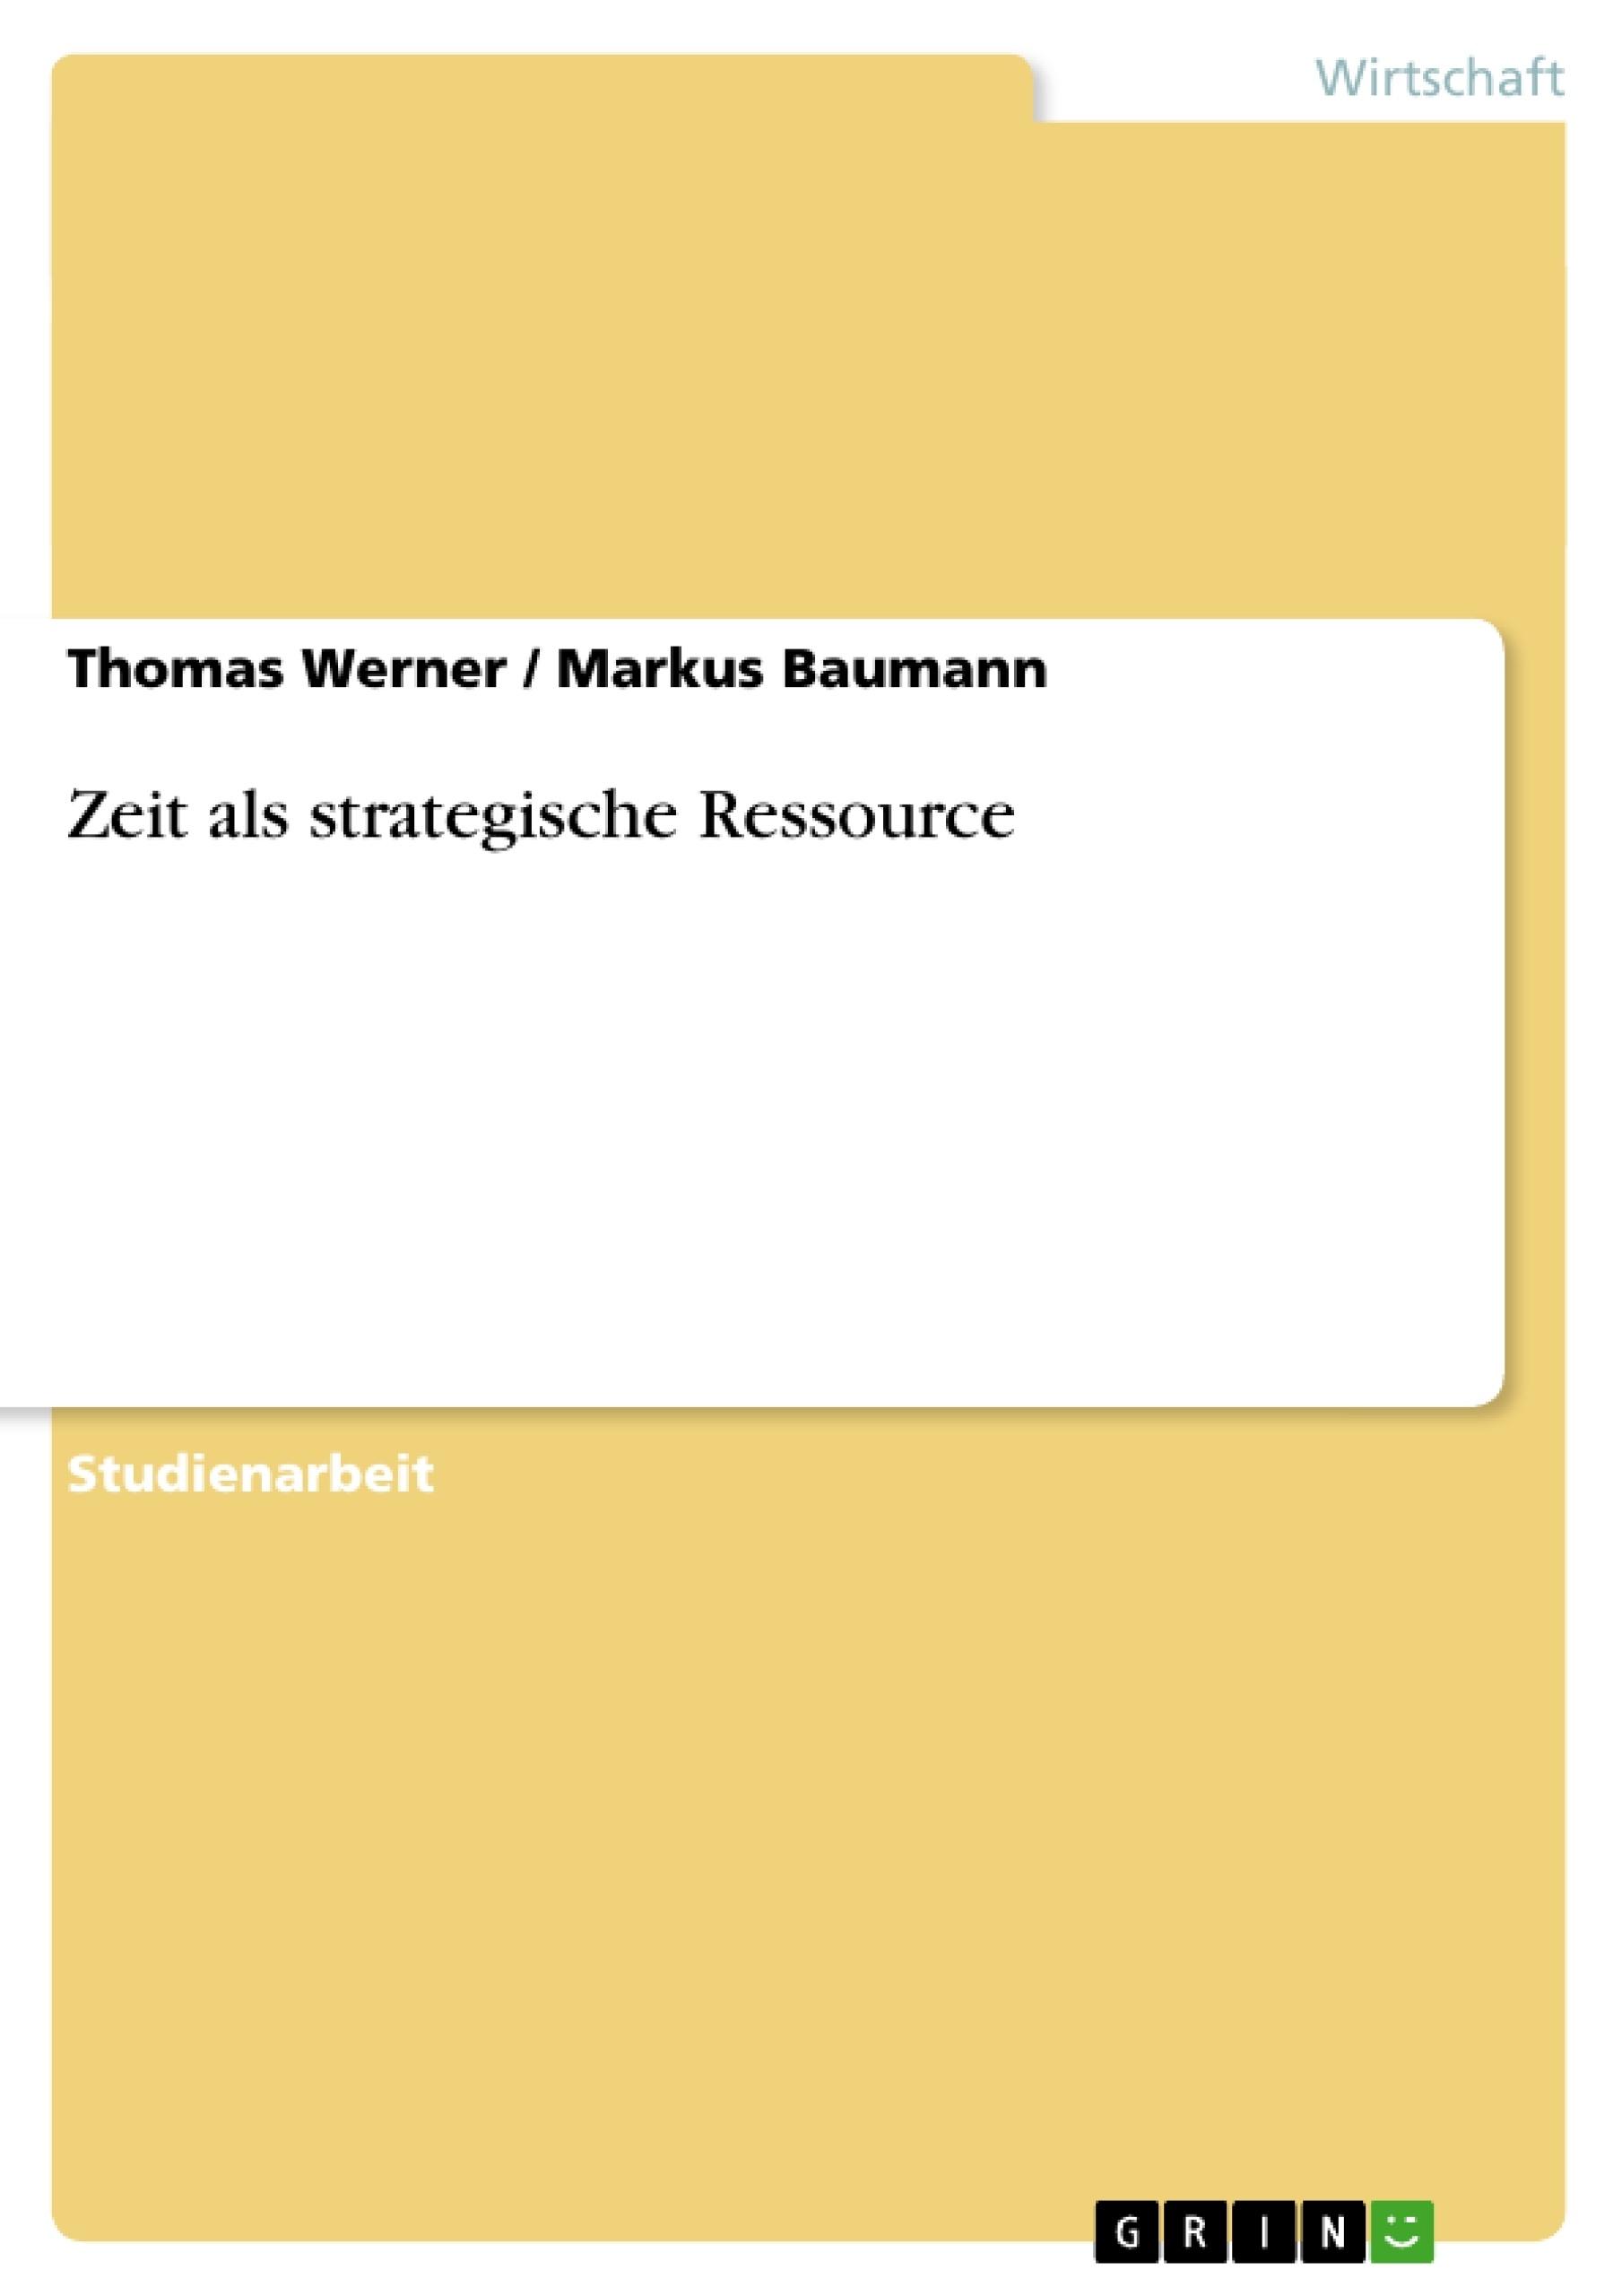 Titel: Zeit als strategische Ressource